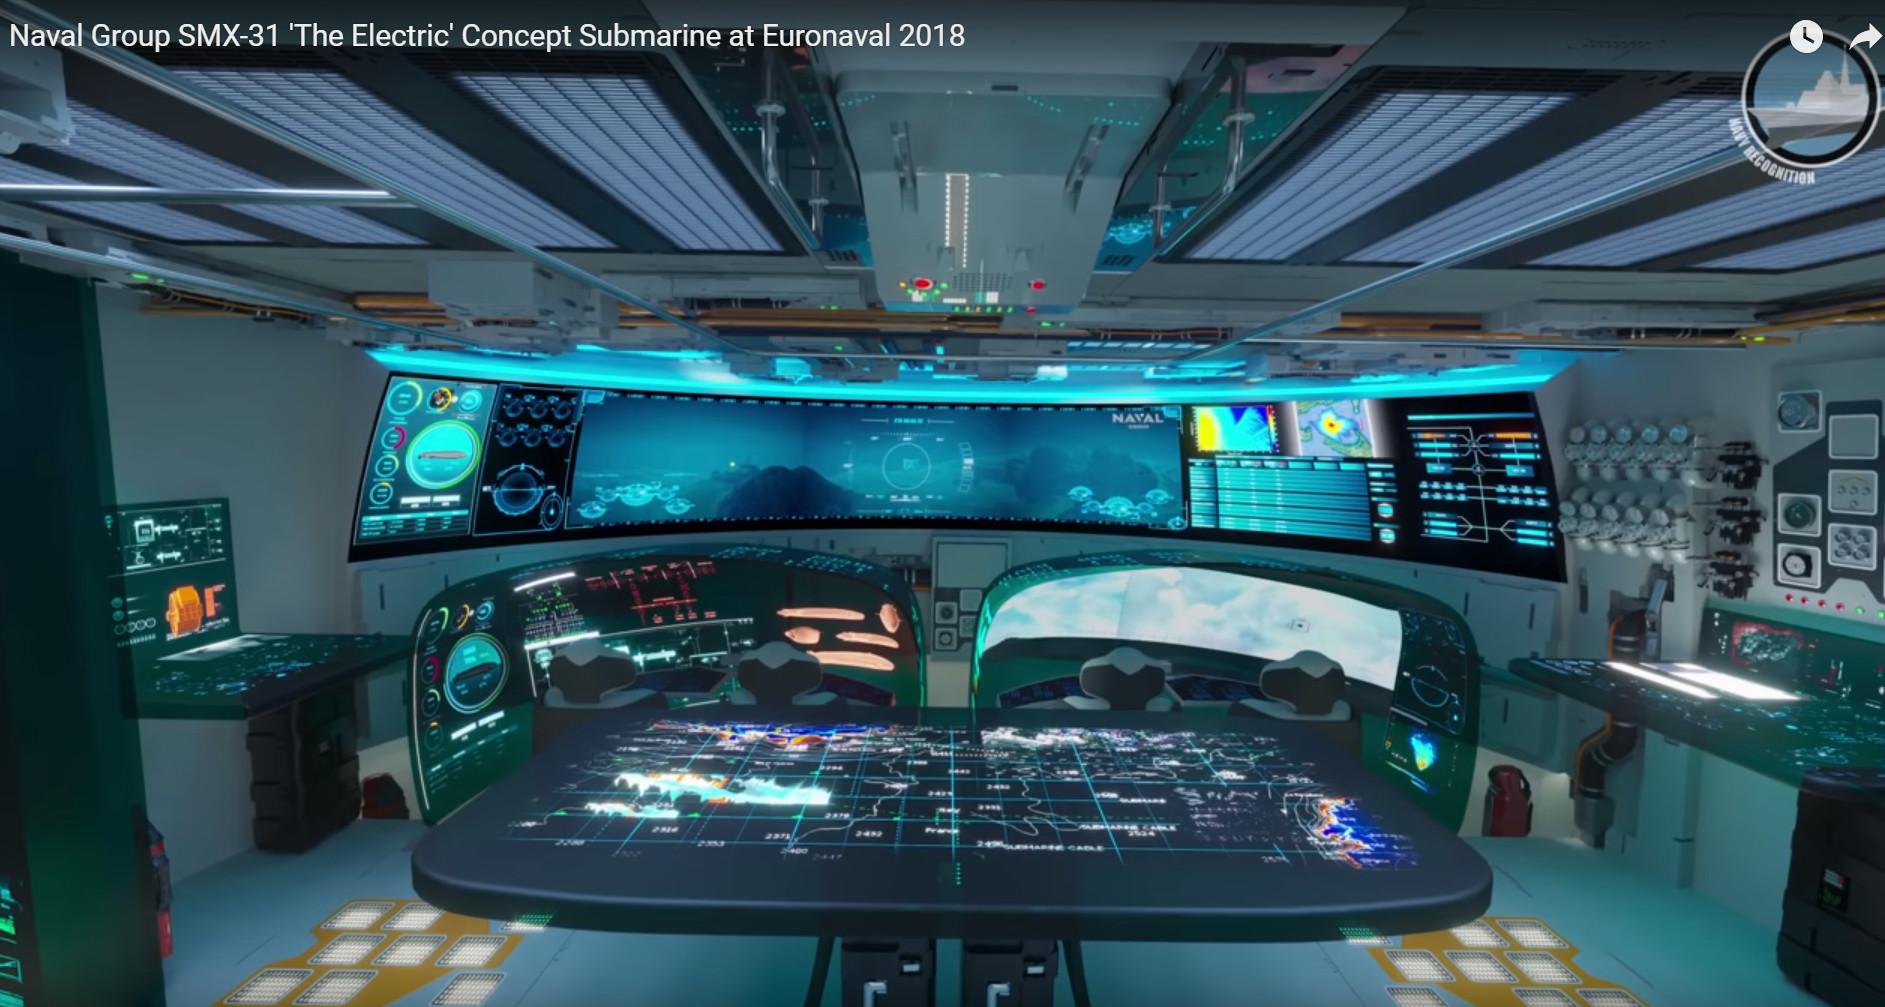 SMX 31E, un sottomarino visionario per i teatri operativi subacquei dei prossimi vent'anni